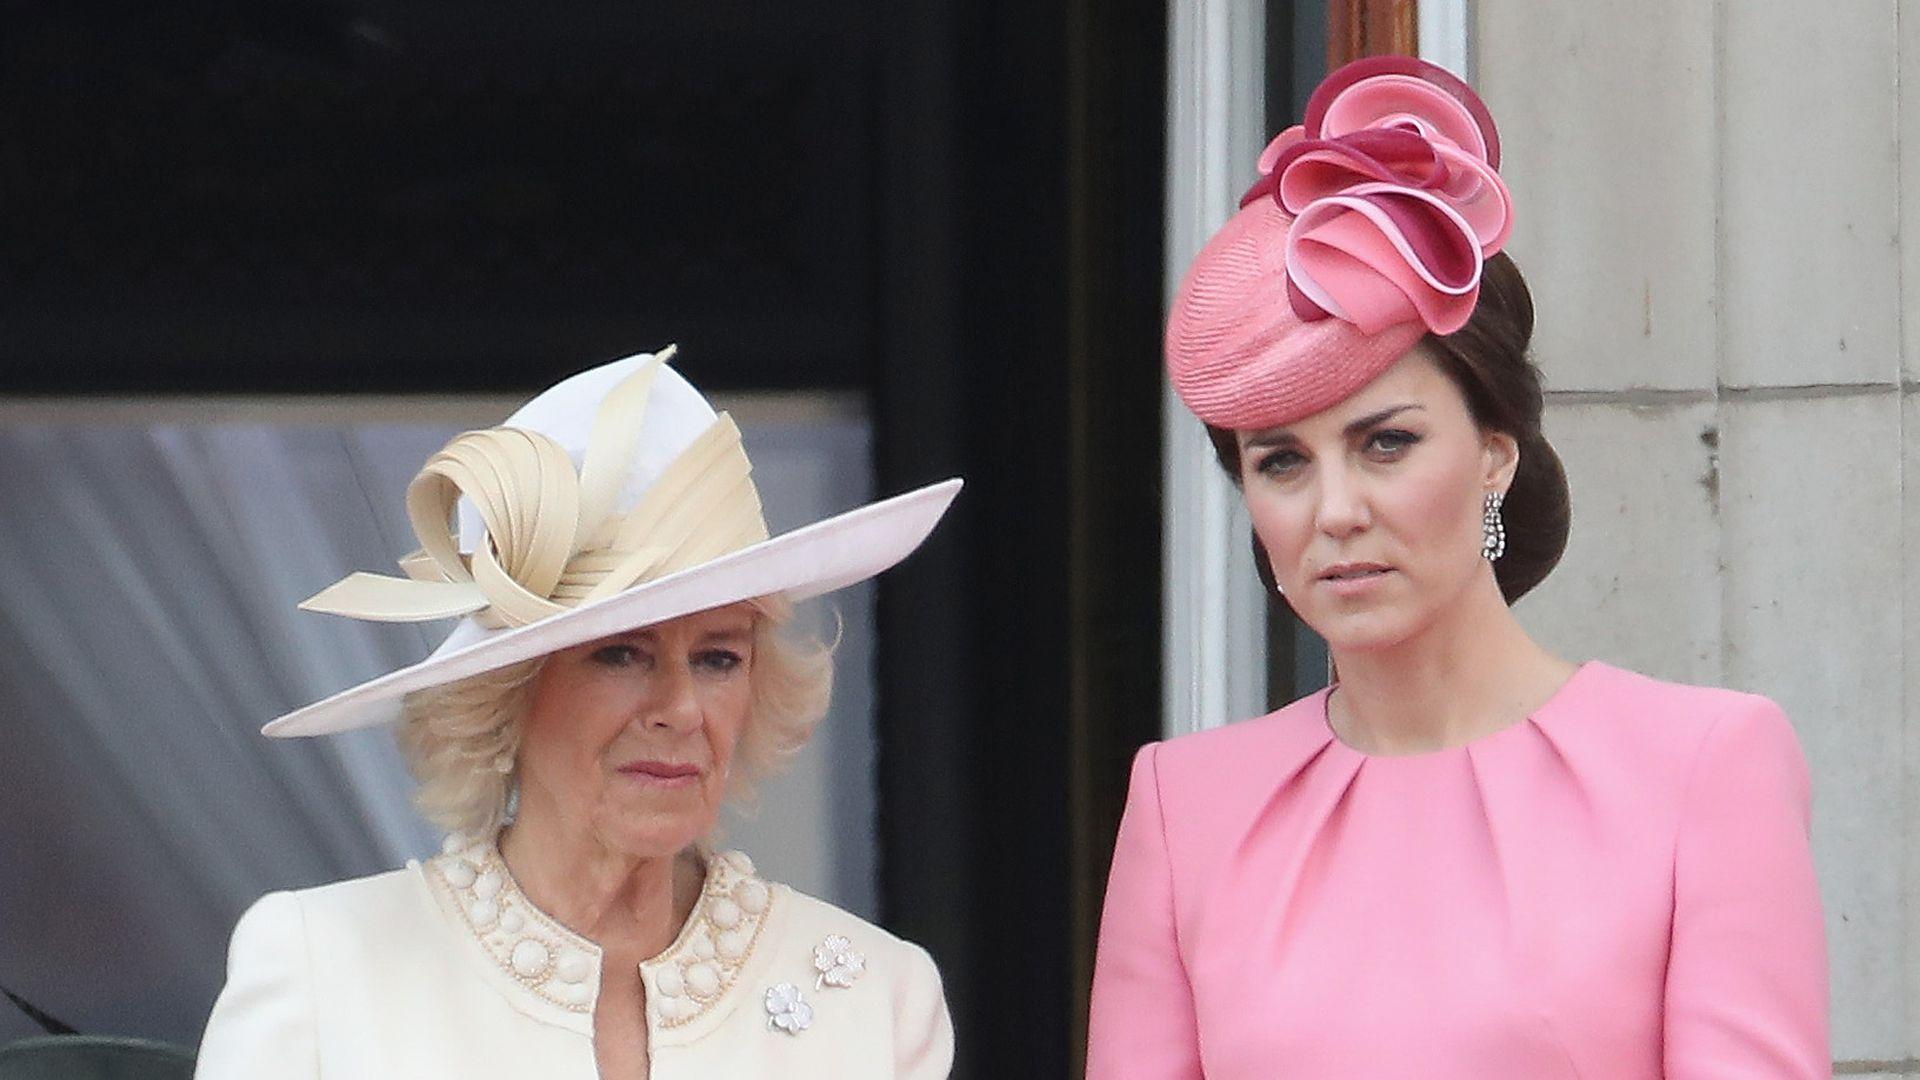 Meghan-Mobbing: Stecken Herzogin Kate und Camilla dahinter? - Promiflash.de